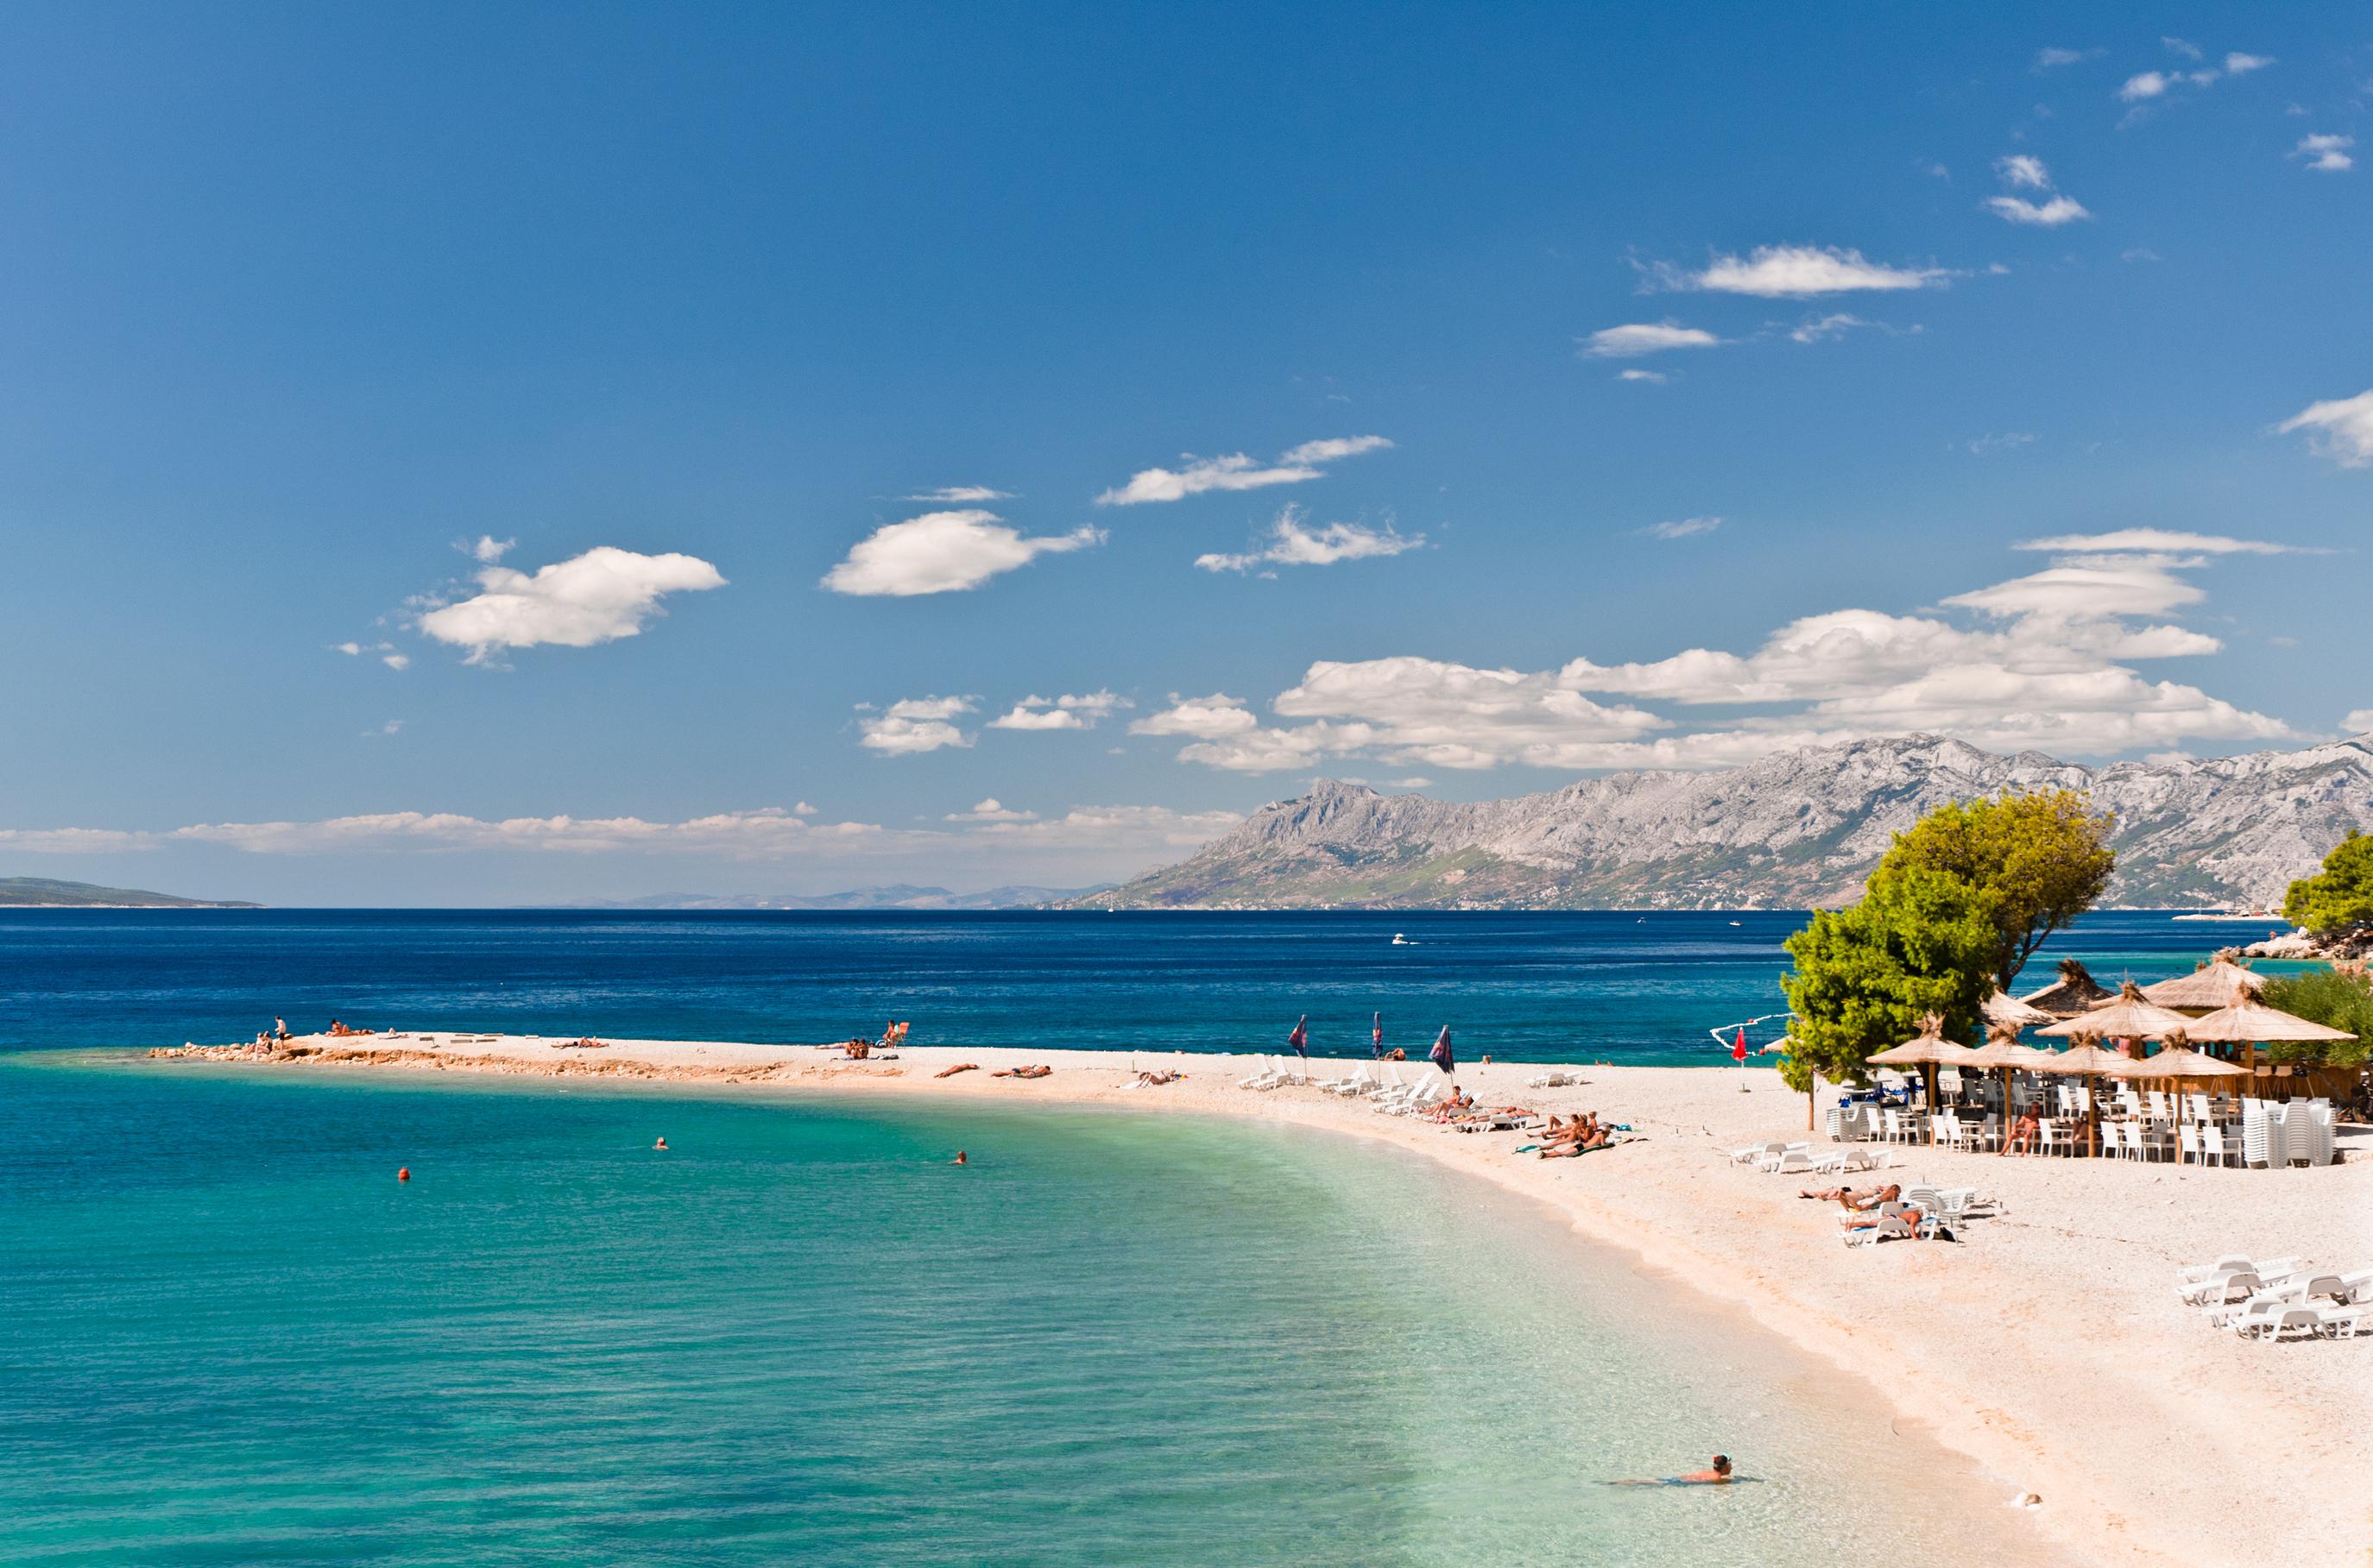 I det fantastiska seglingslandet Kroatien finns många sagolikt vackra stränder, däribland stranden i turistorten Makarska